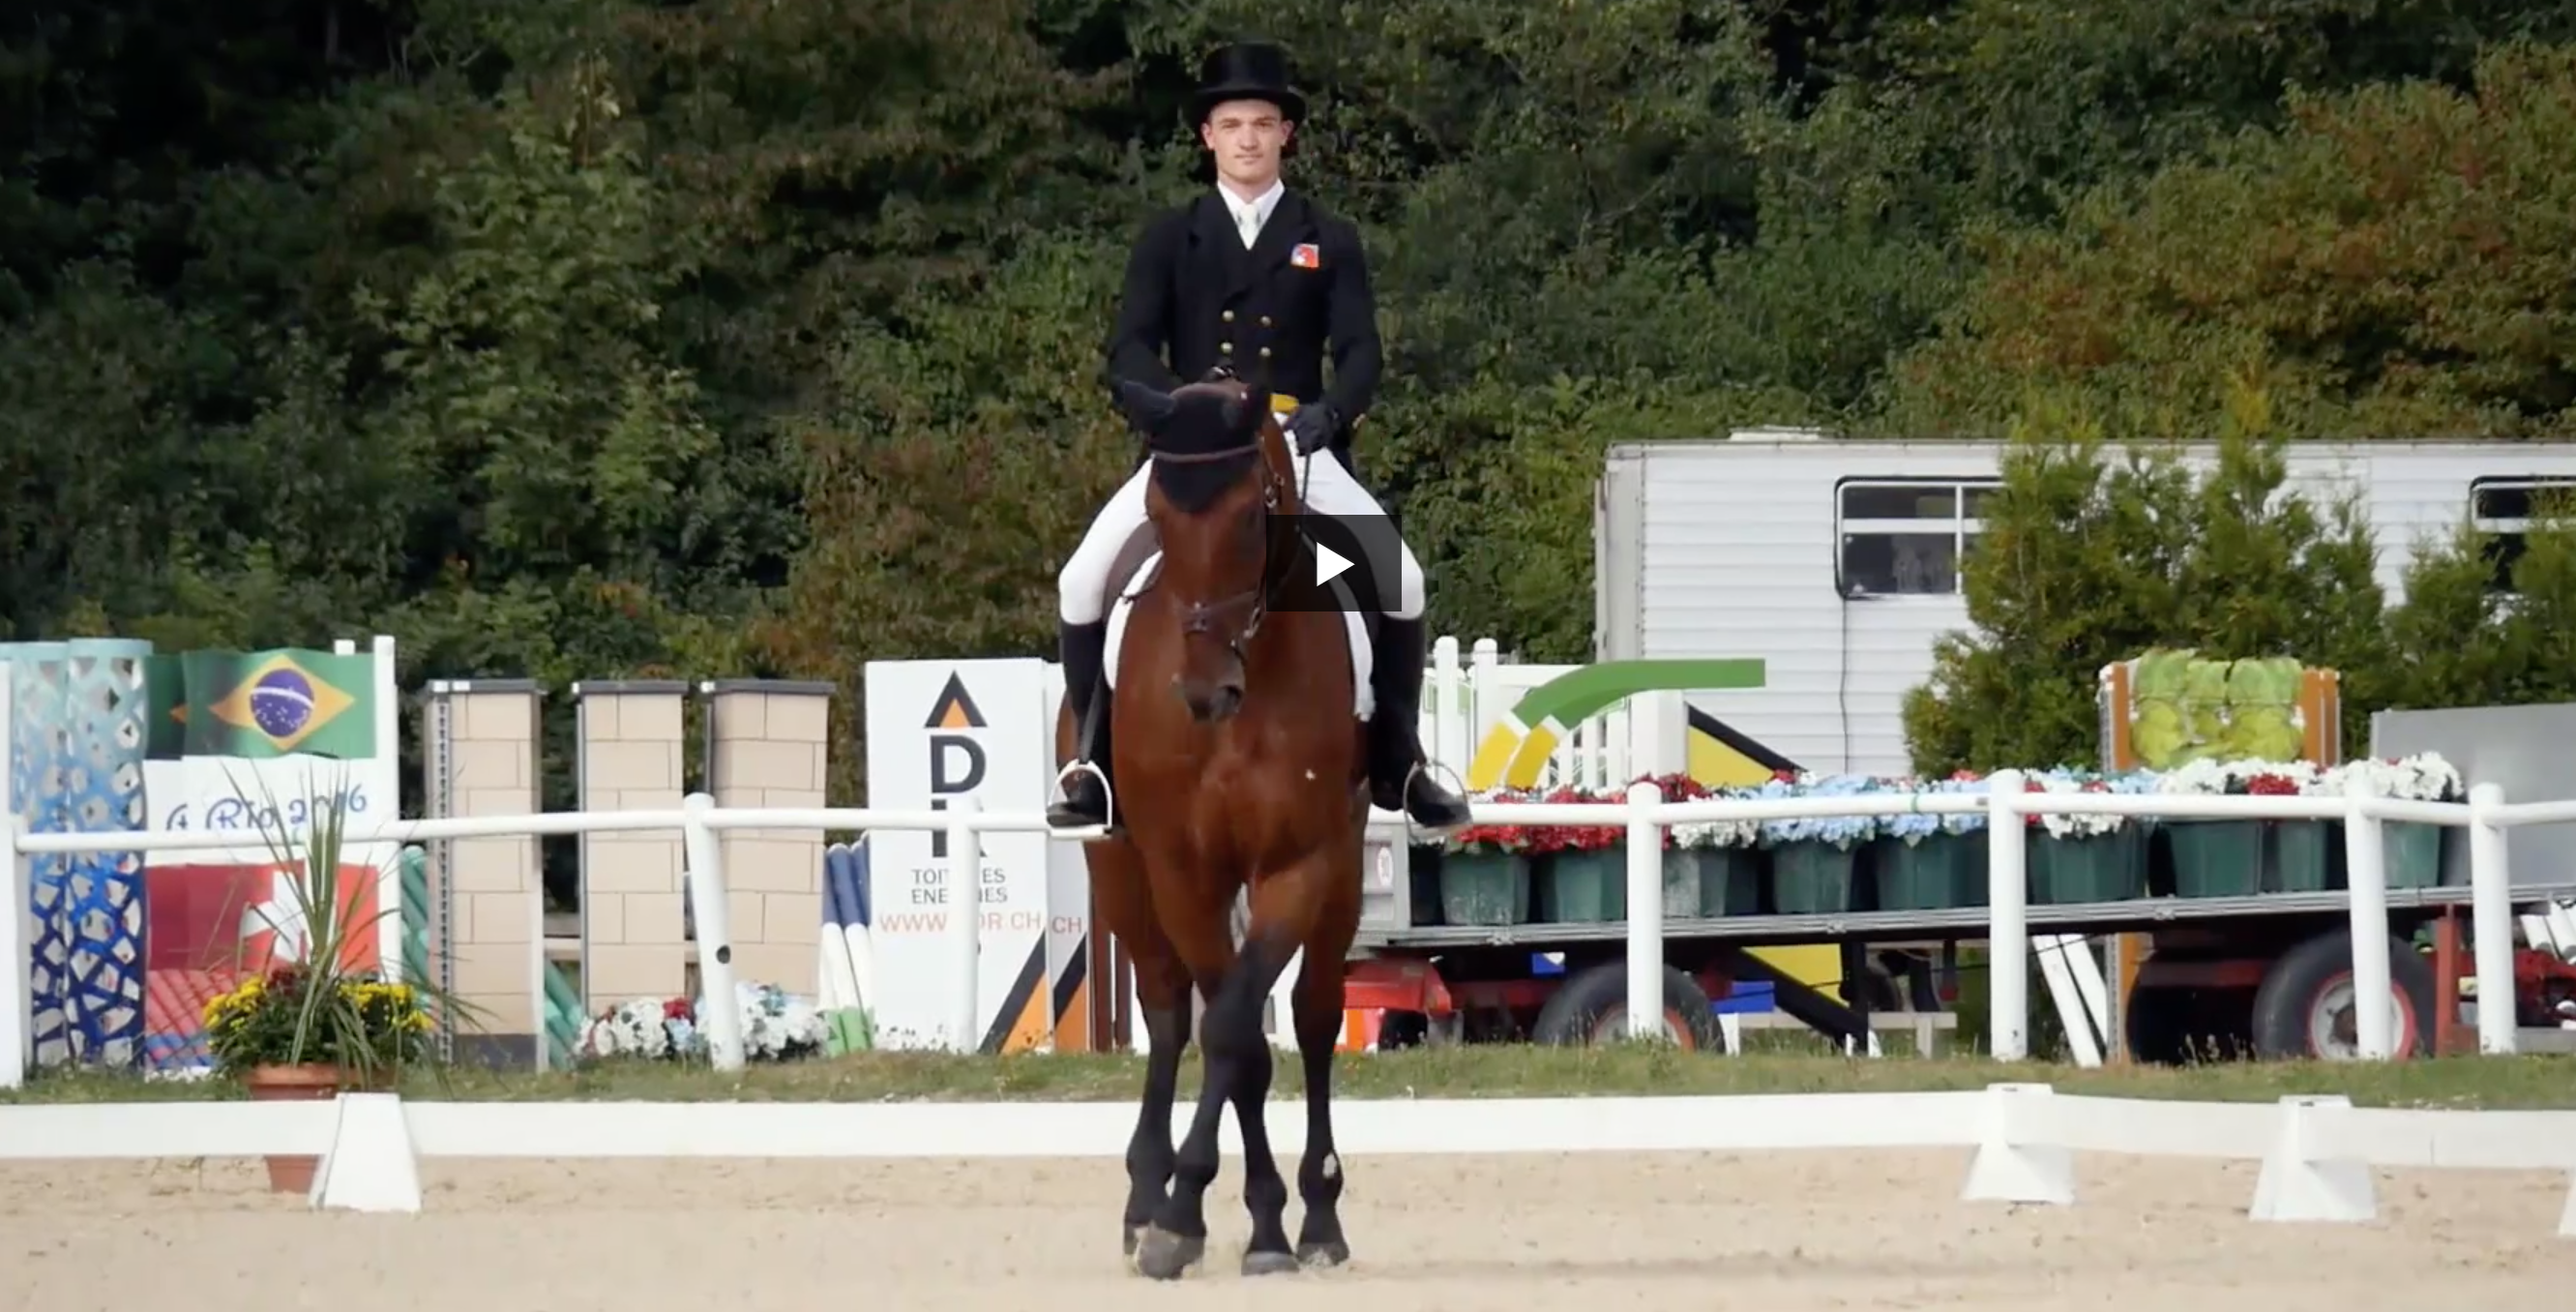 Robin et Grandeur en route pour les Jeux Equestres Mondiaux Tryon 2018